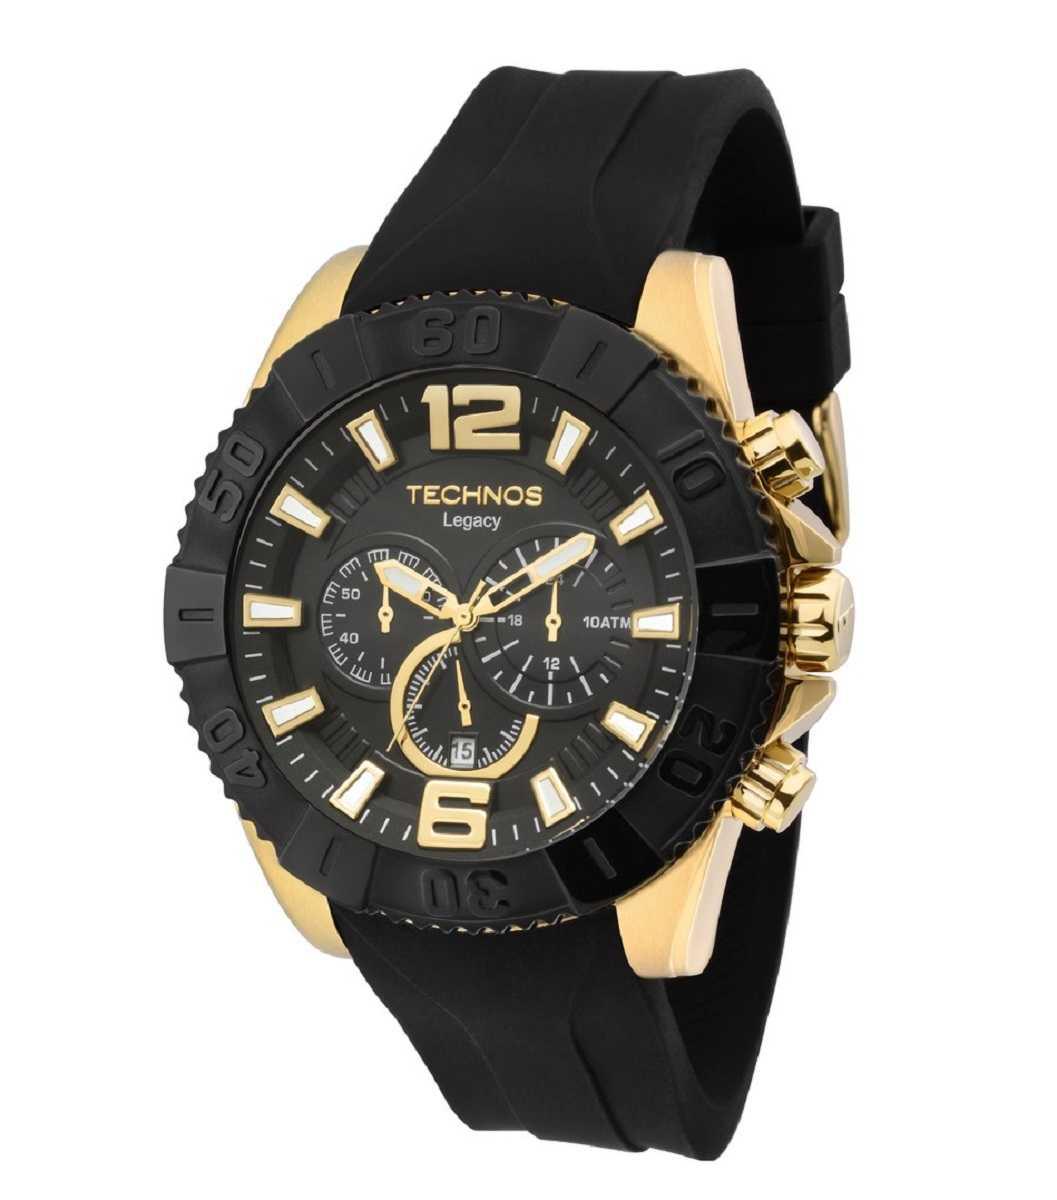 Relógio Technos Legacy Masculino Dourado Pulseira Silicone Preto OS20IO/8P